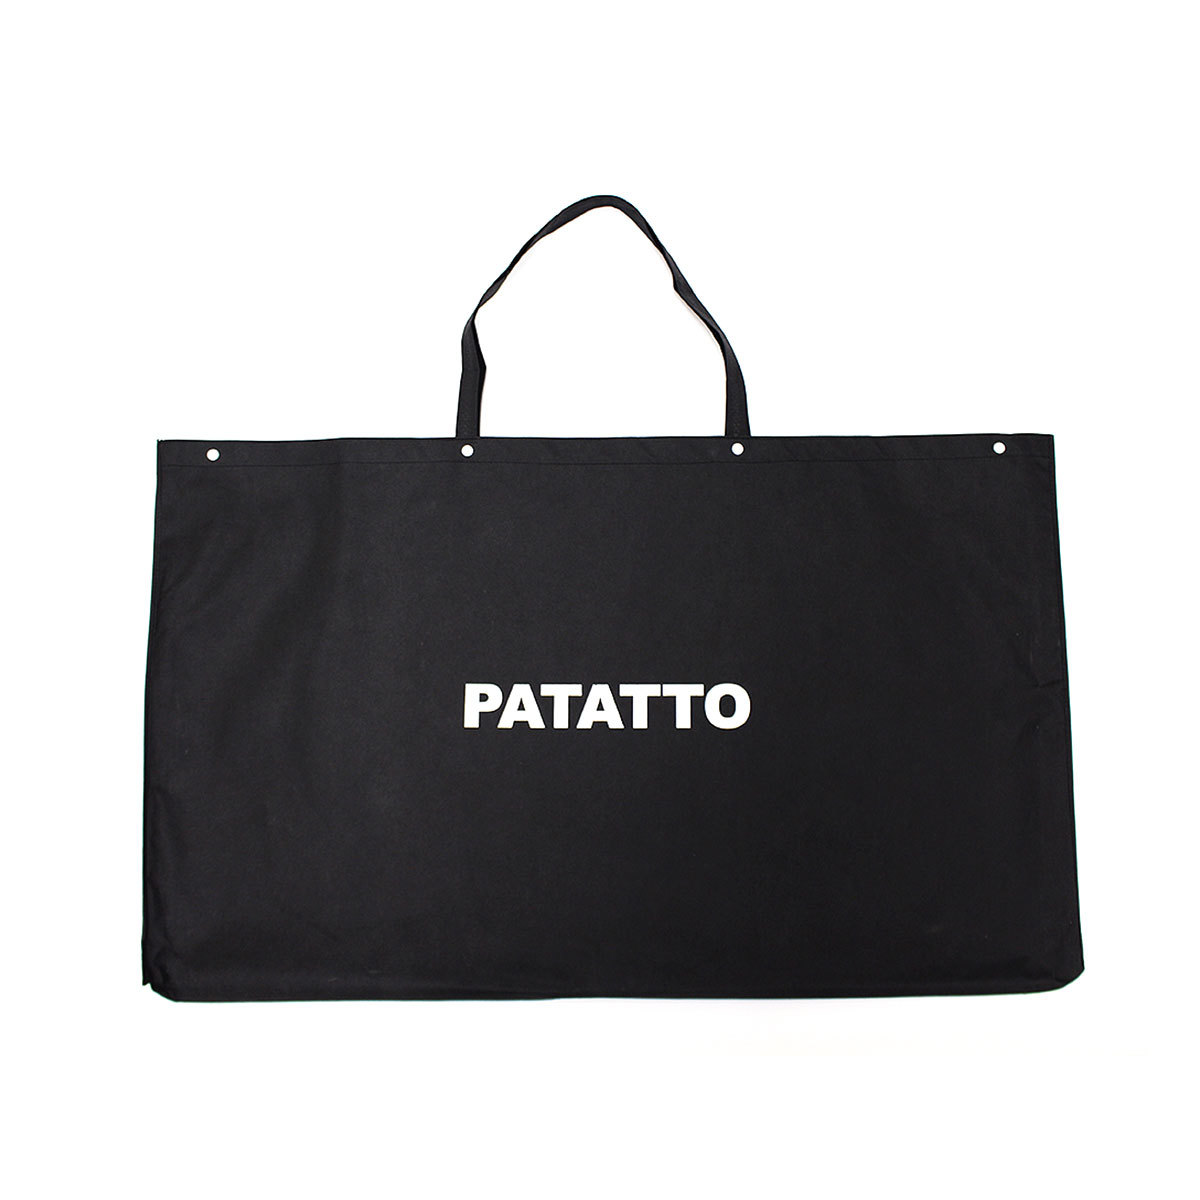 薄さ3センチの「どこでもイス」|レギュラーサイズ|使う場所を選ばない、どこにでも持ち歩けるテーブル|PATATTO TABLE mini